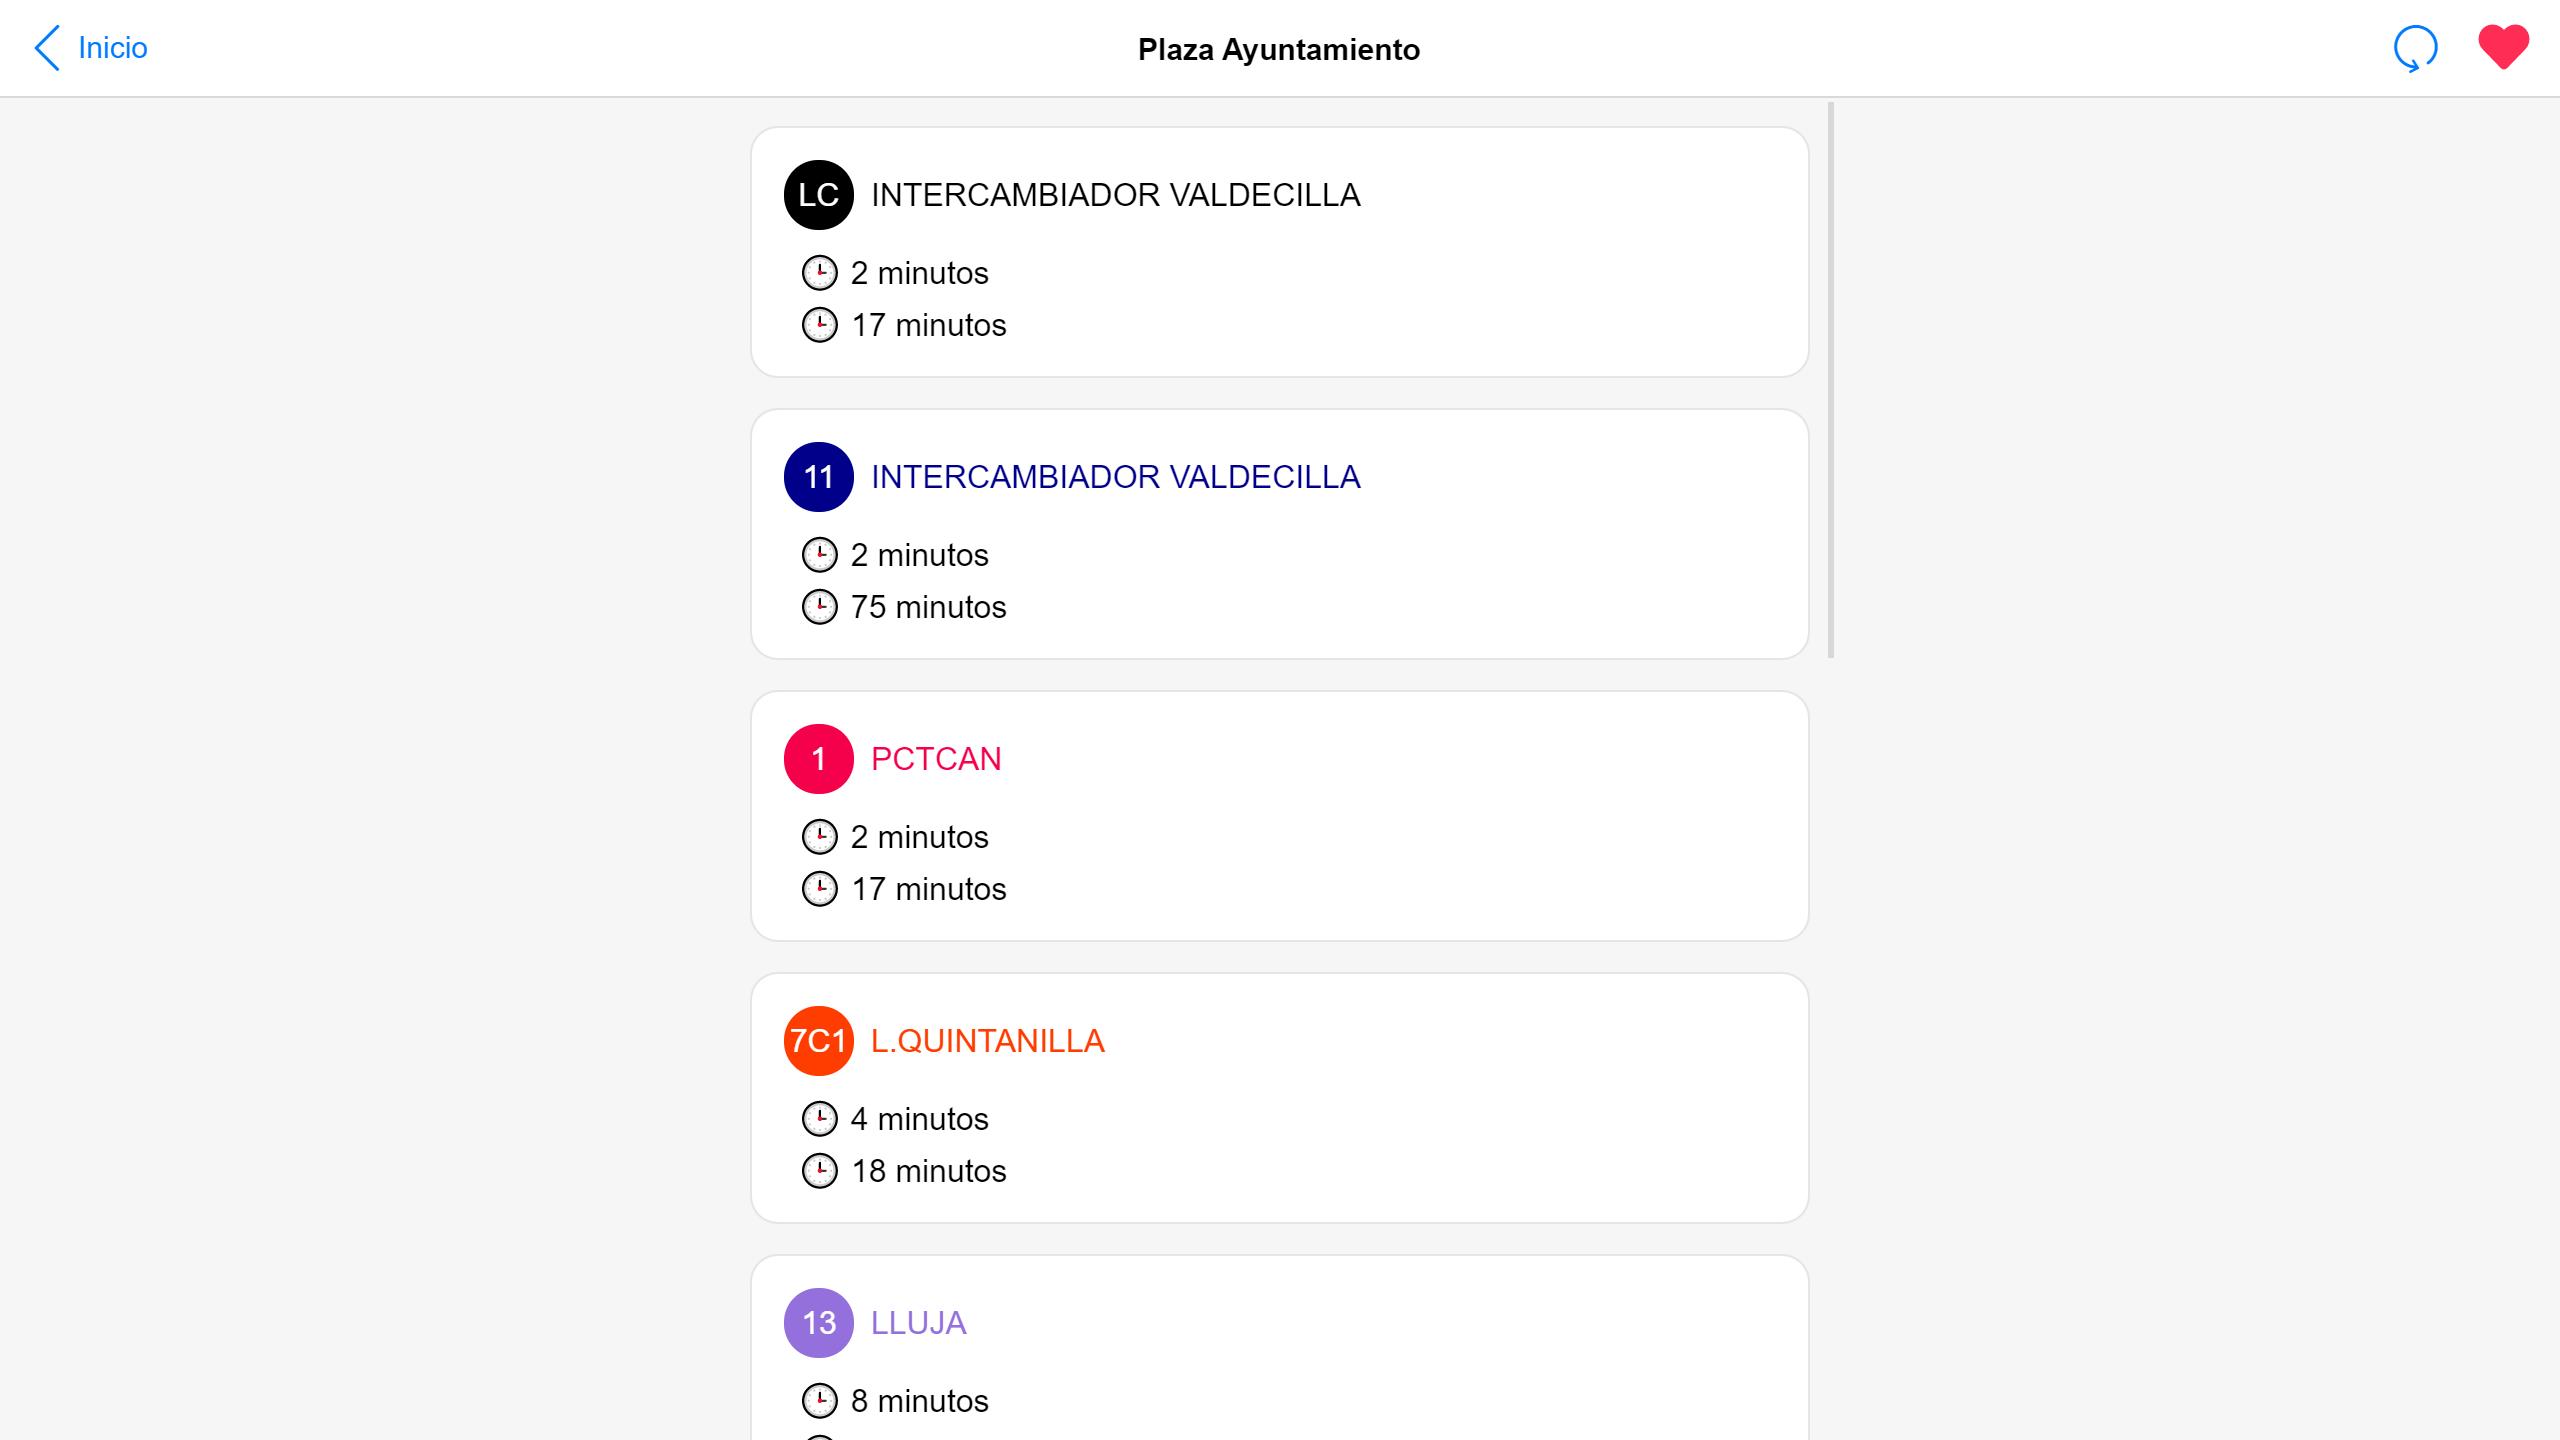 http://datos.santander.es/wp-content/uploads/2019/07/7.png